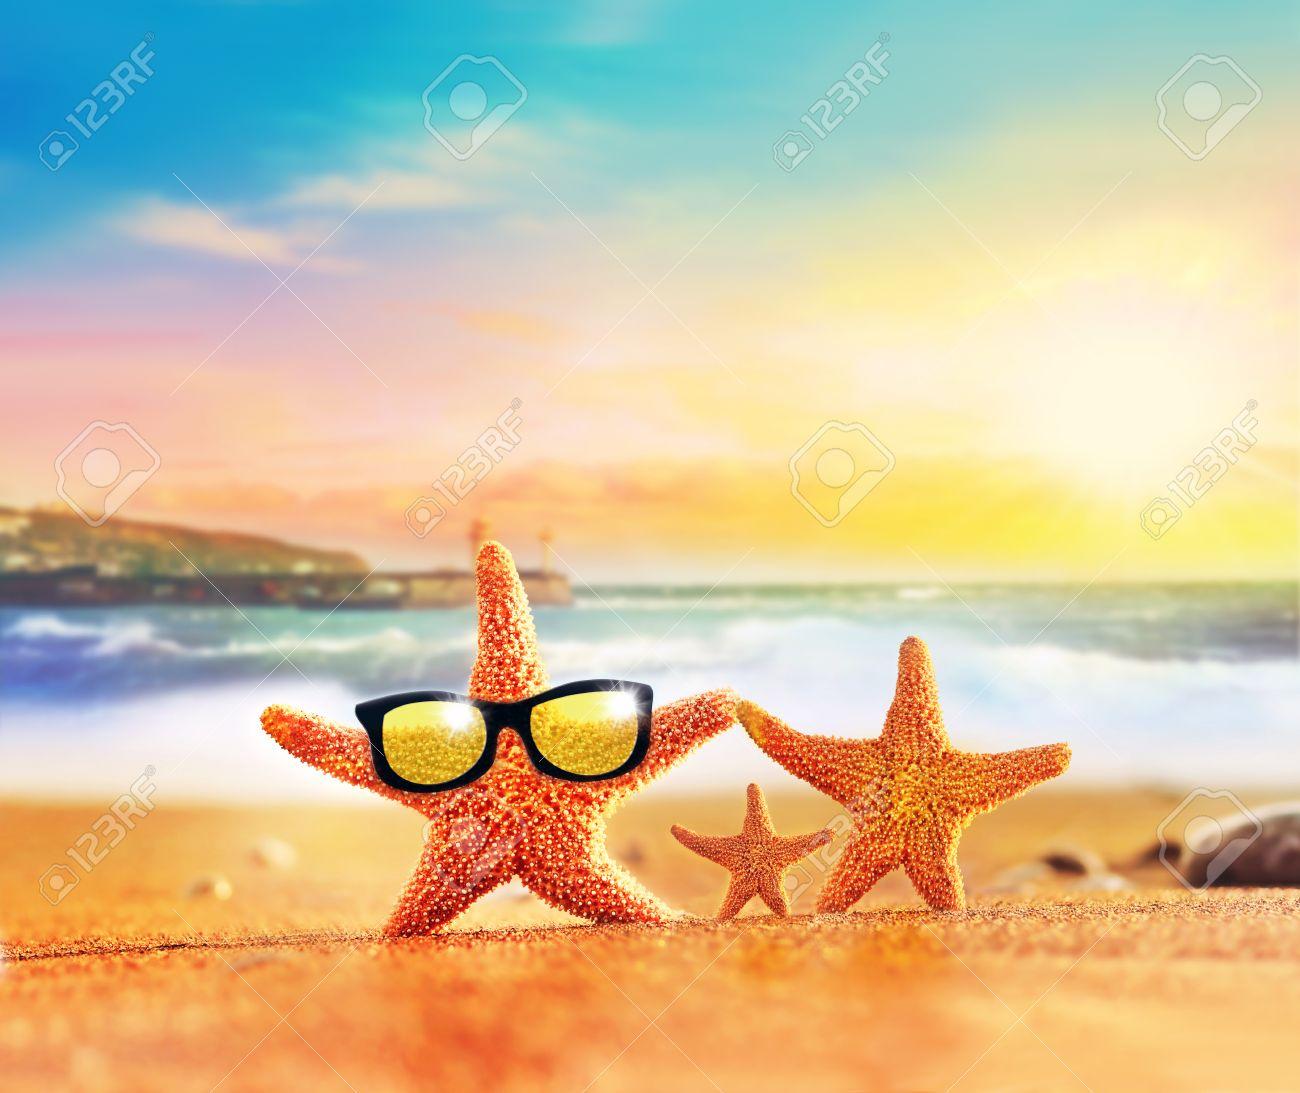 Plage D Ete Famille Starfish Des Lunettes De Soleil Sur La Partie Seashore Beach Banque D Images Et Photos Libres De Droits Image 49031962